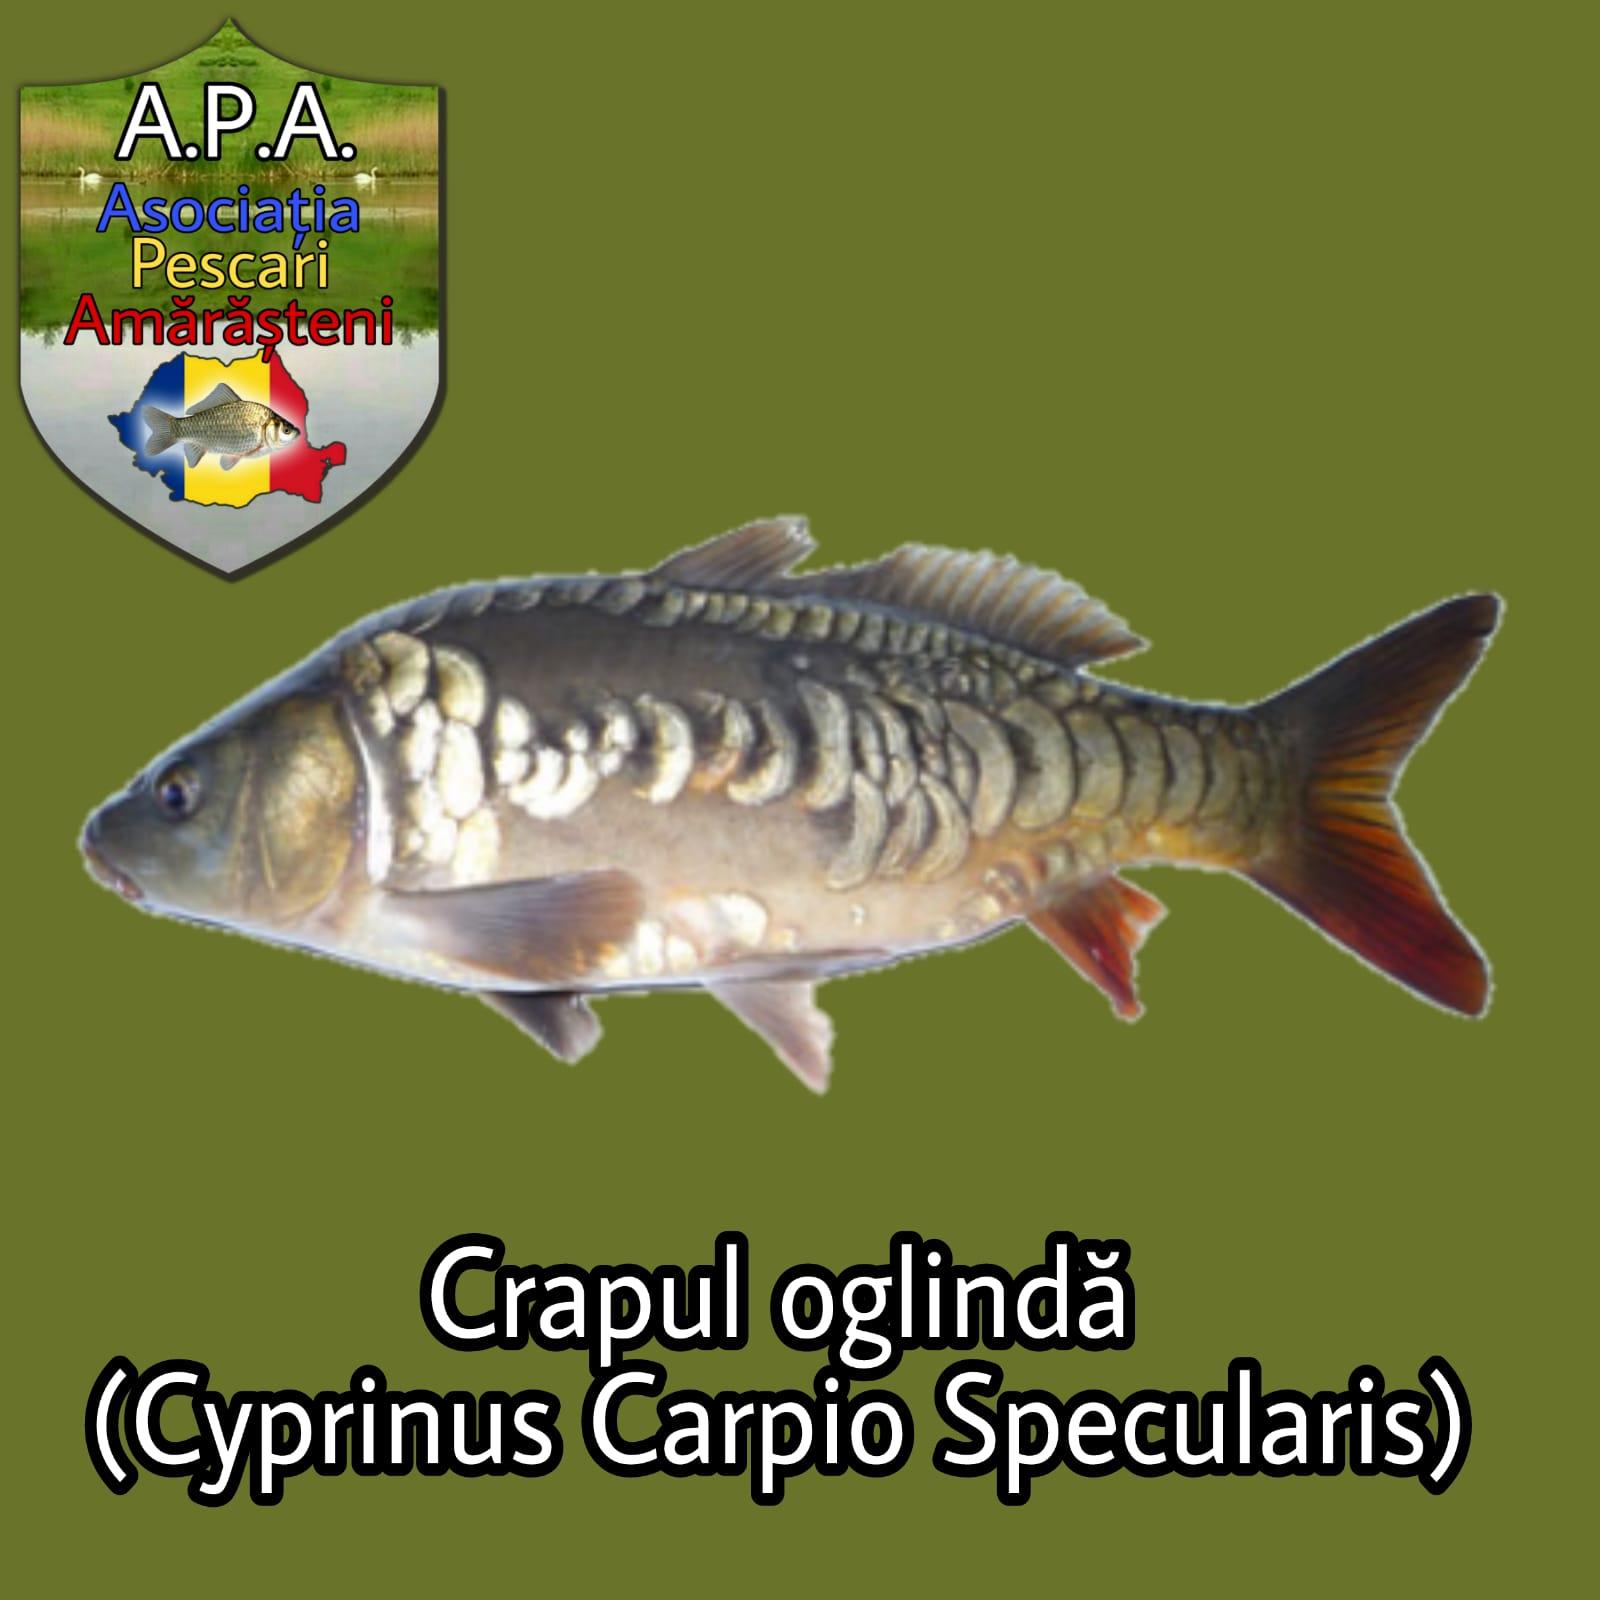 Crapul oglindă (Cyprinus carpio specularis)